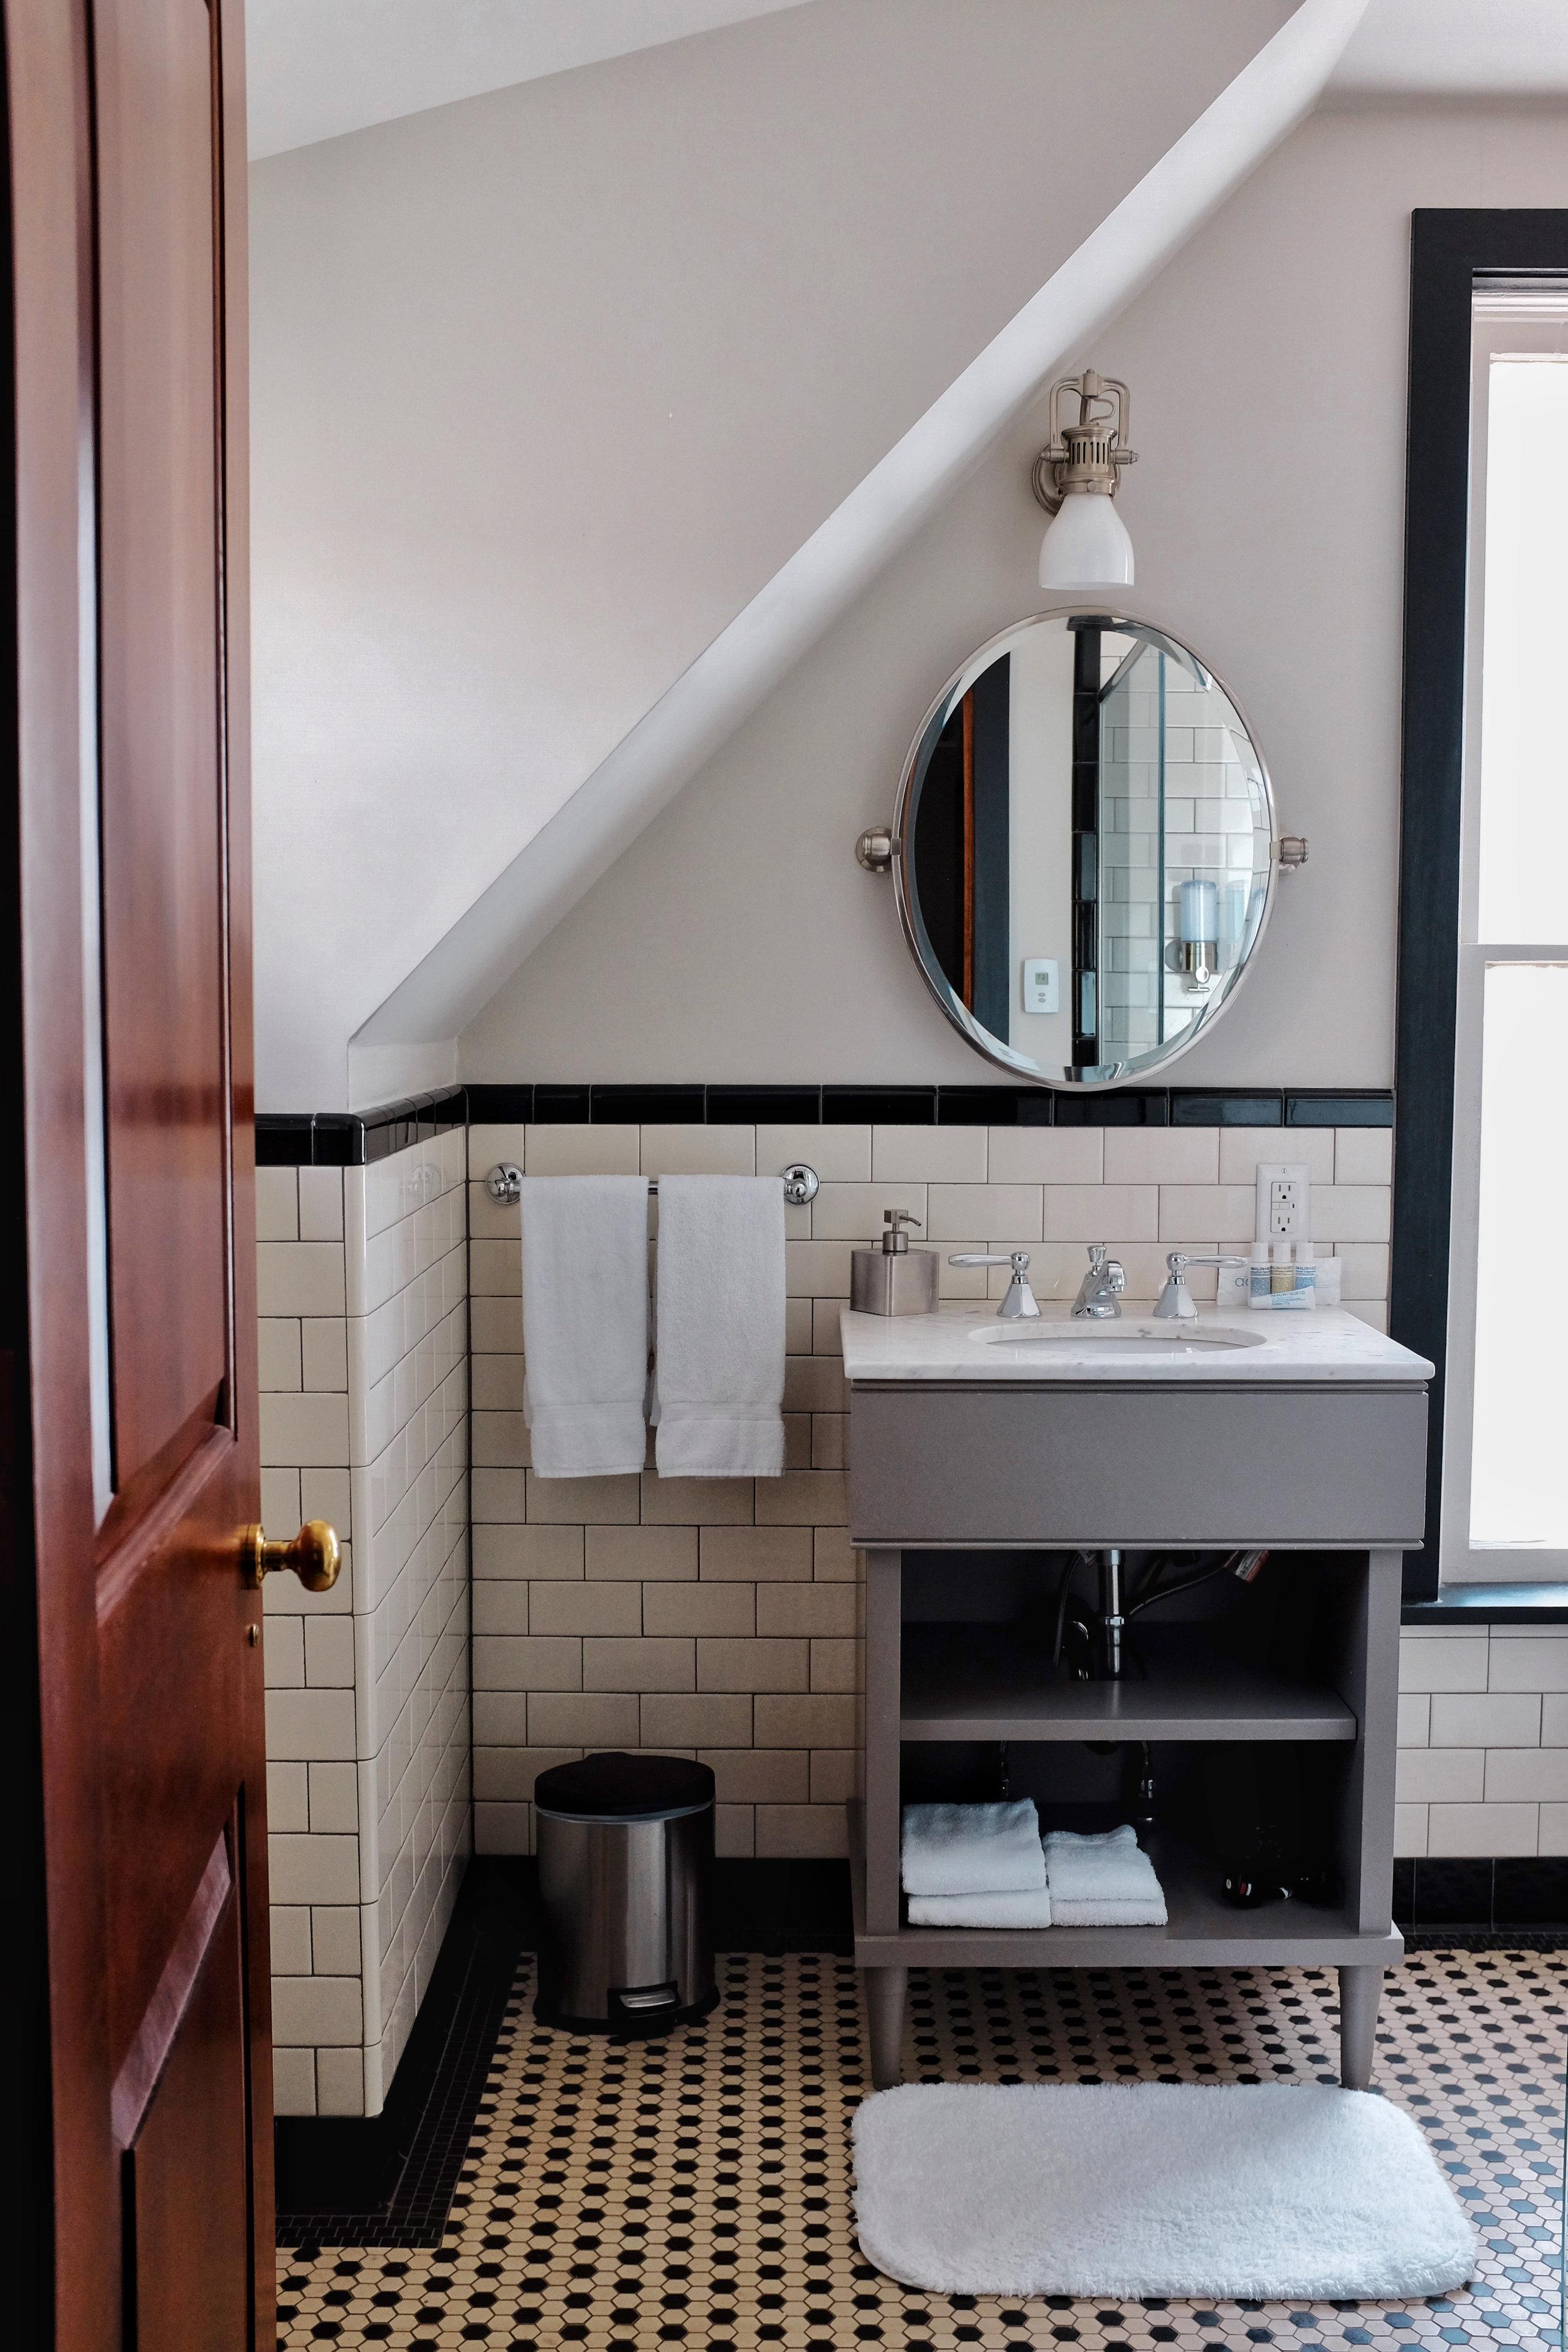 bathroom places to stay colorado springs